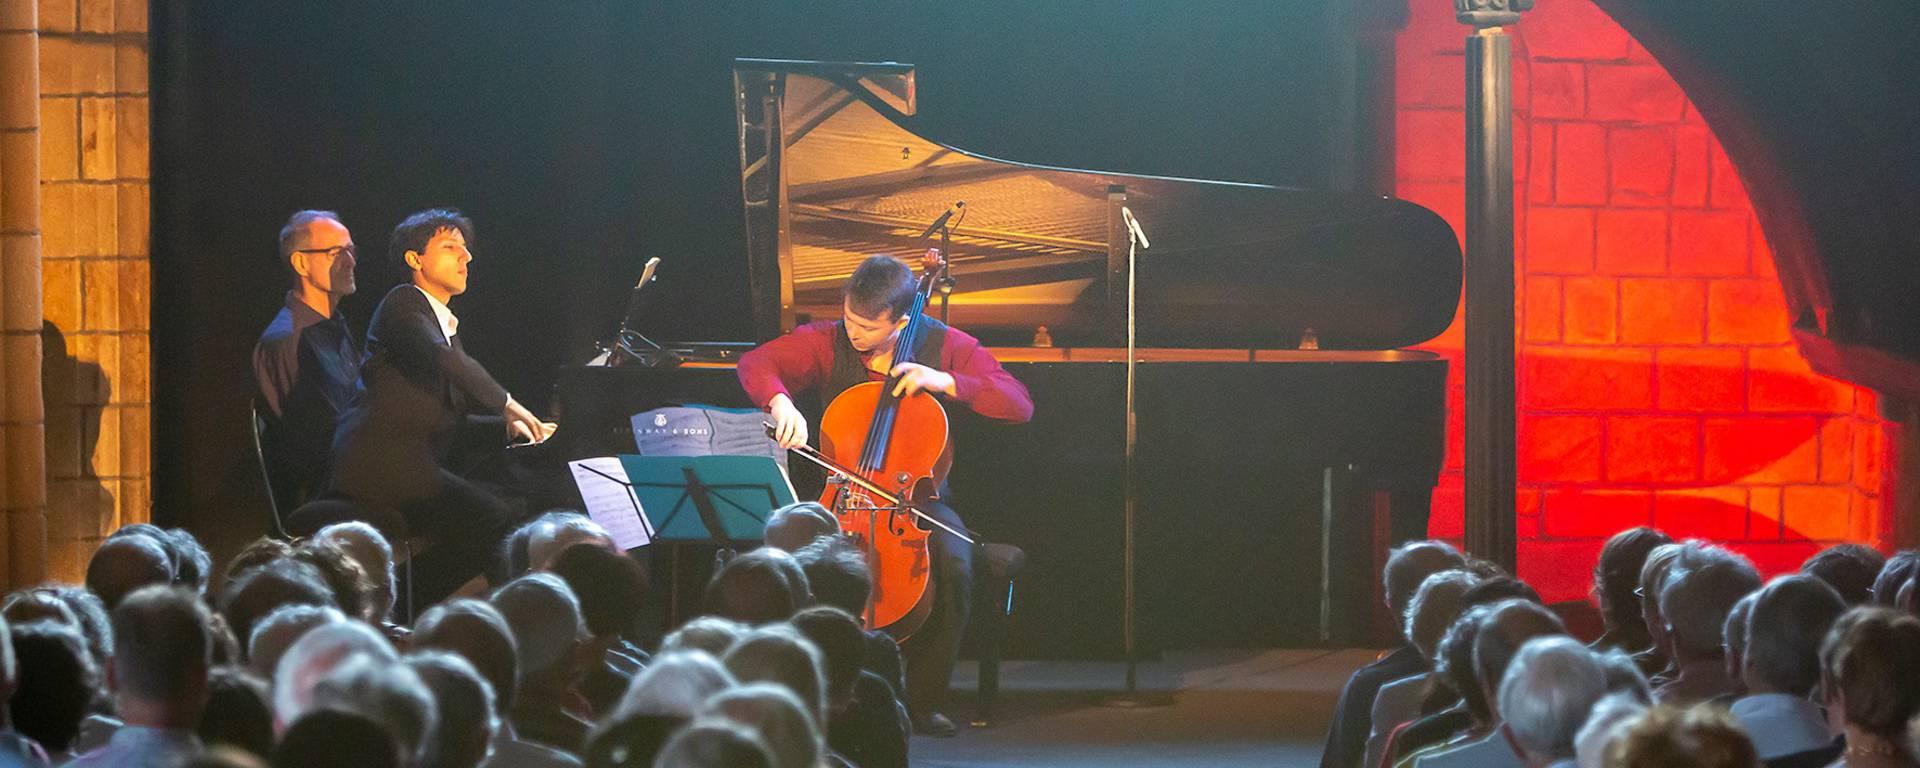 Festival de musique de chambre de Pont-Croix © Claude Doaré